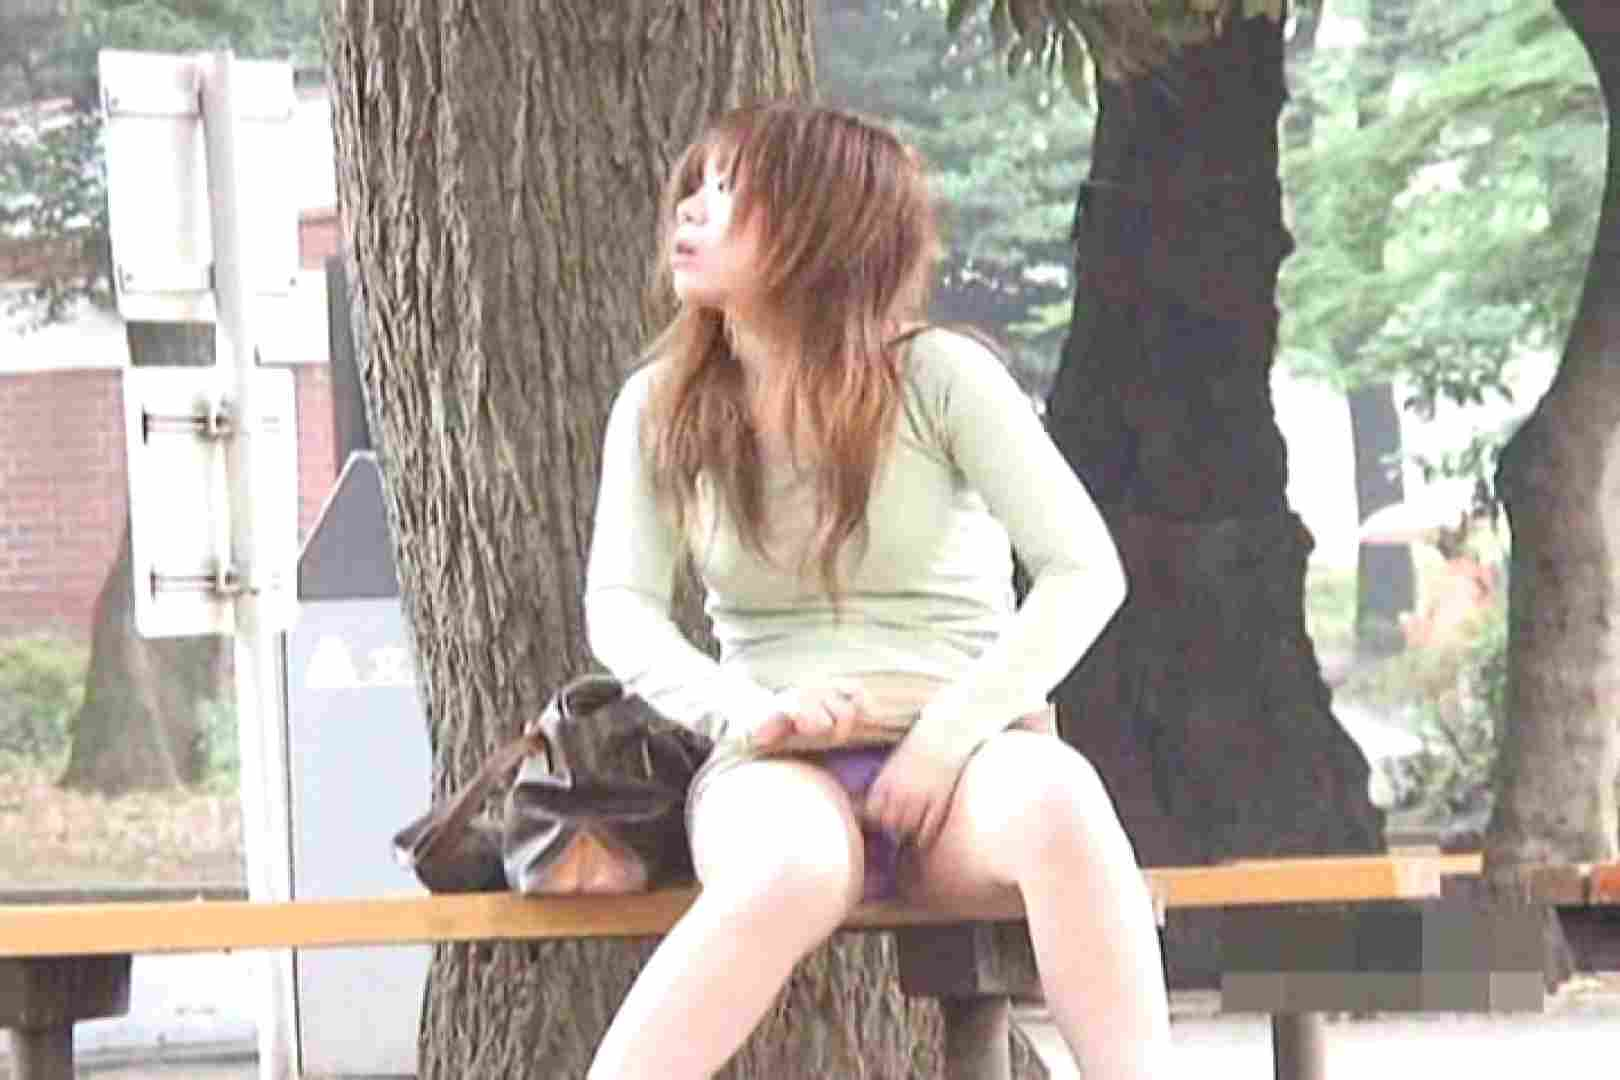 検証!隠し撮りスカートめくり!!Vol.6 美しいOLの裸体  77pic 66